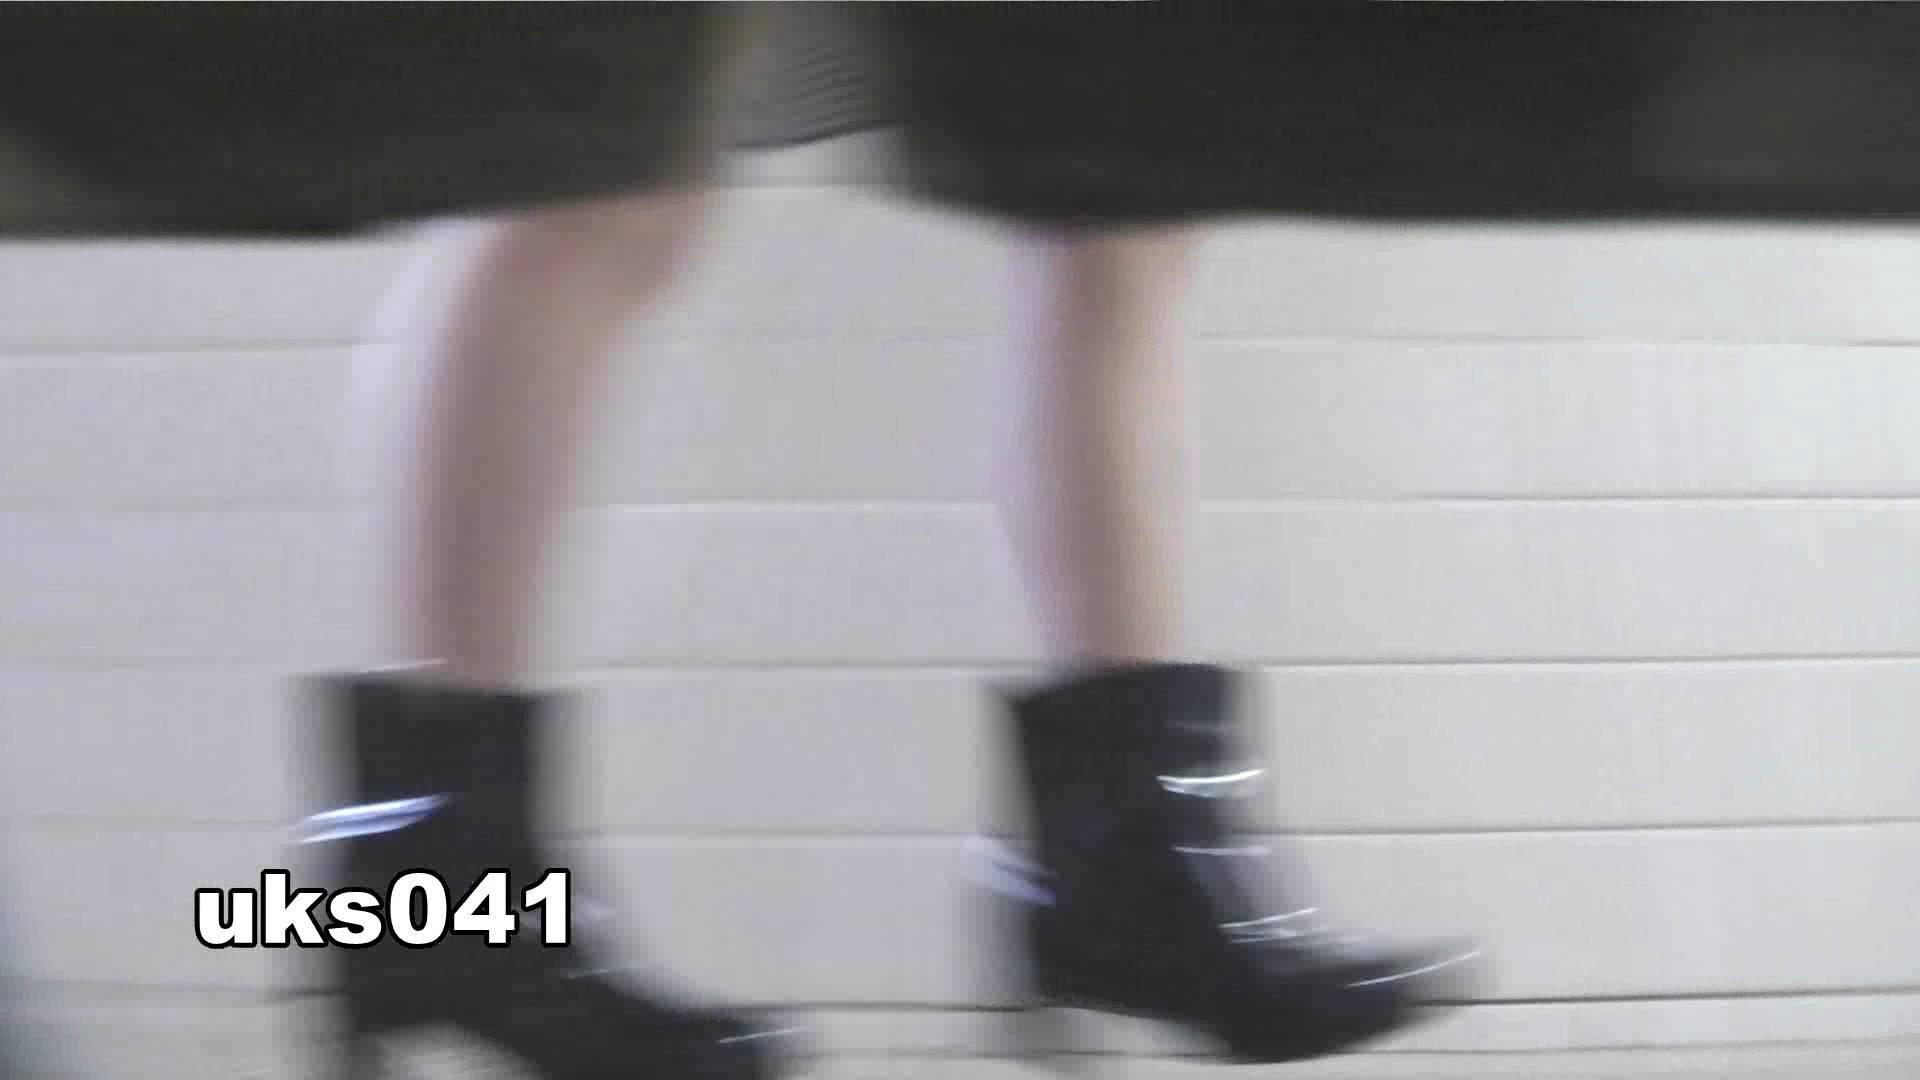 【美しき個室な世界】 vol.041 高評価 エロ画像 106画像 44